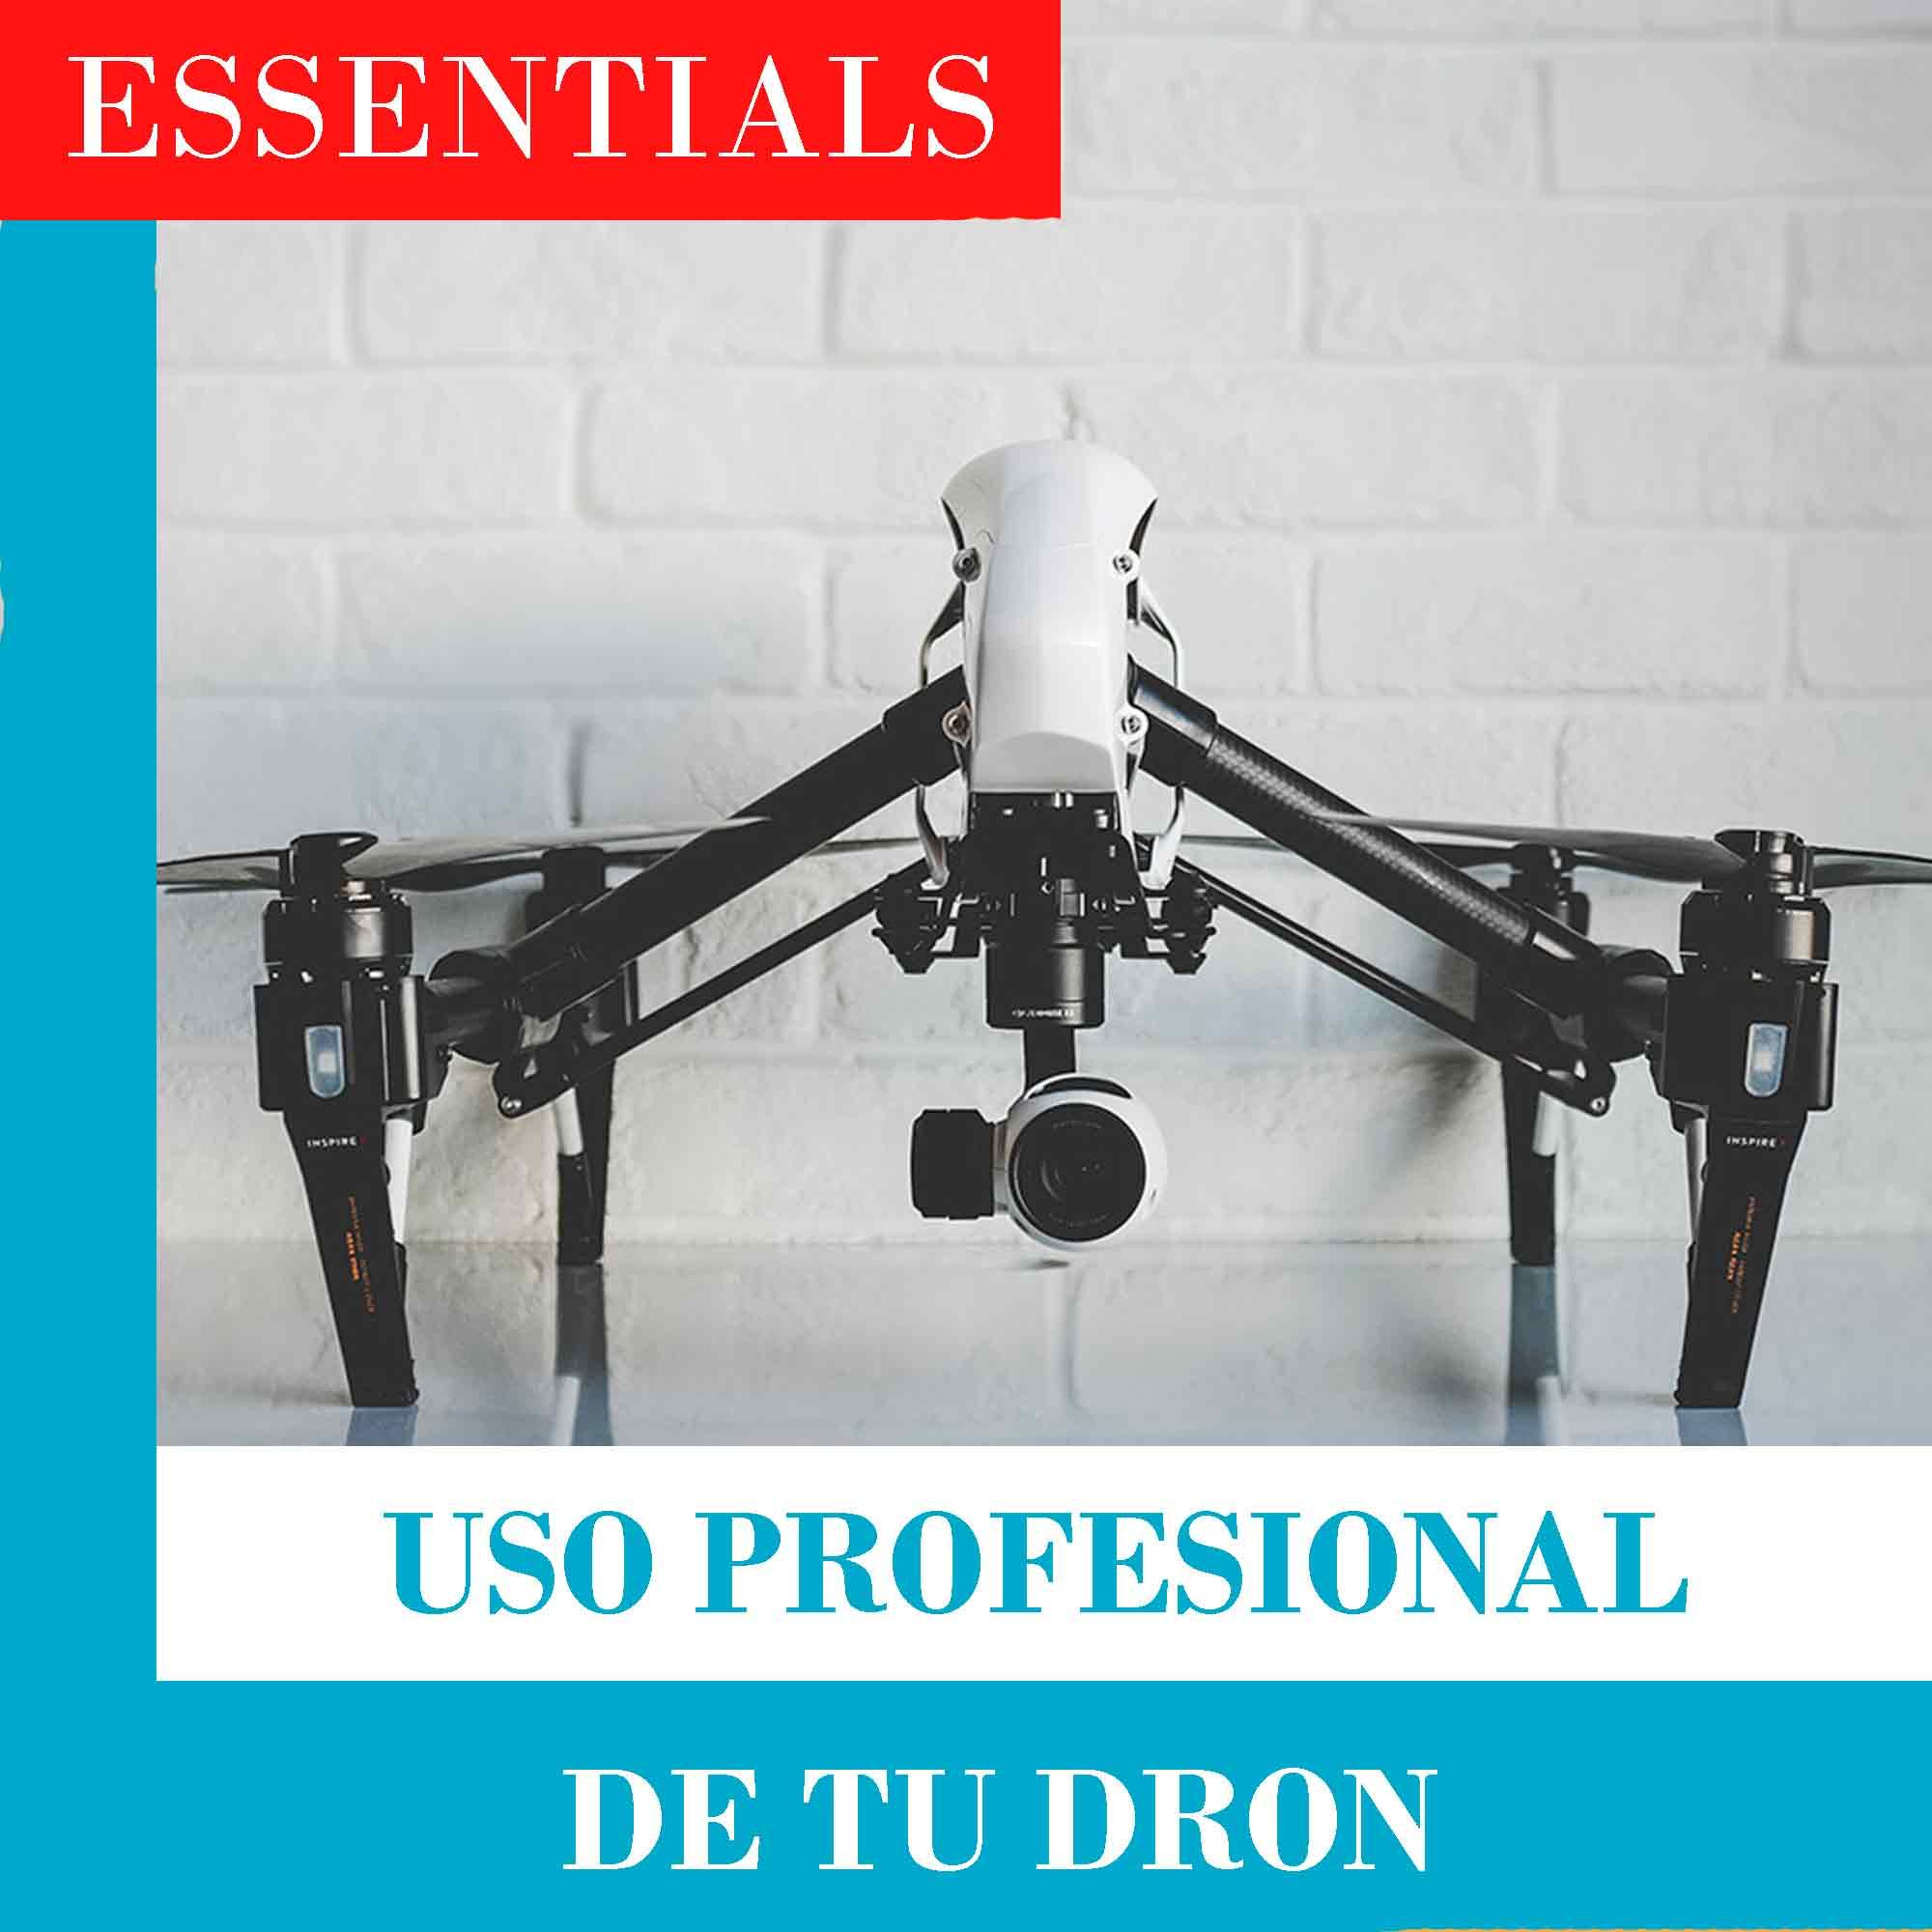 Normativa de Drones en España: Uso Profesional